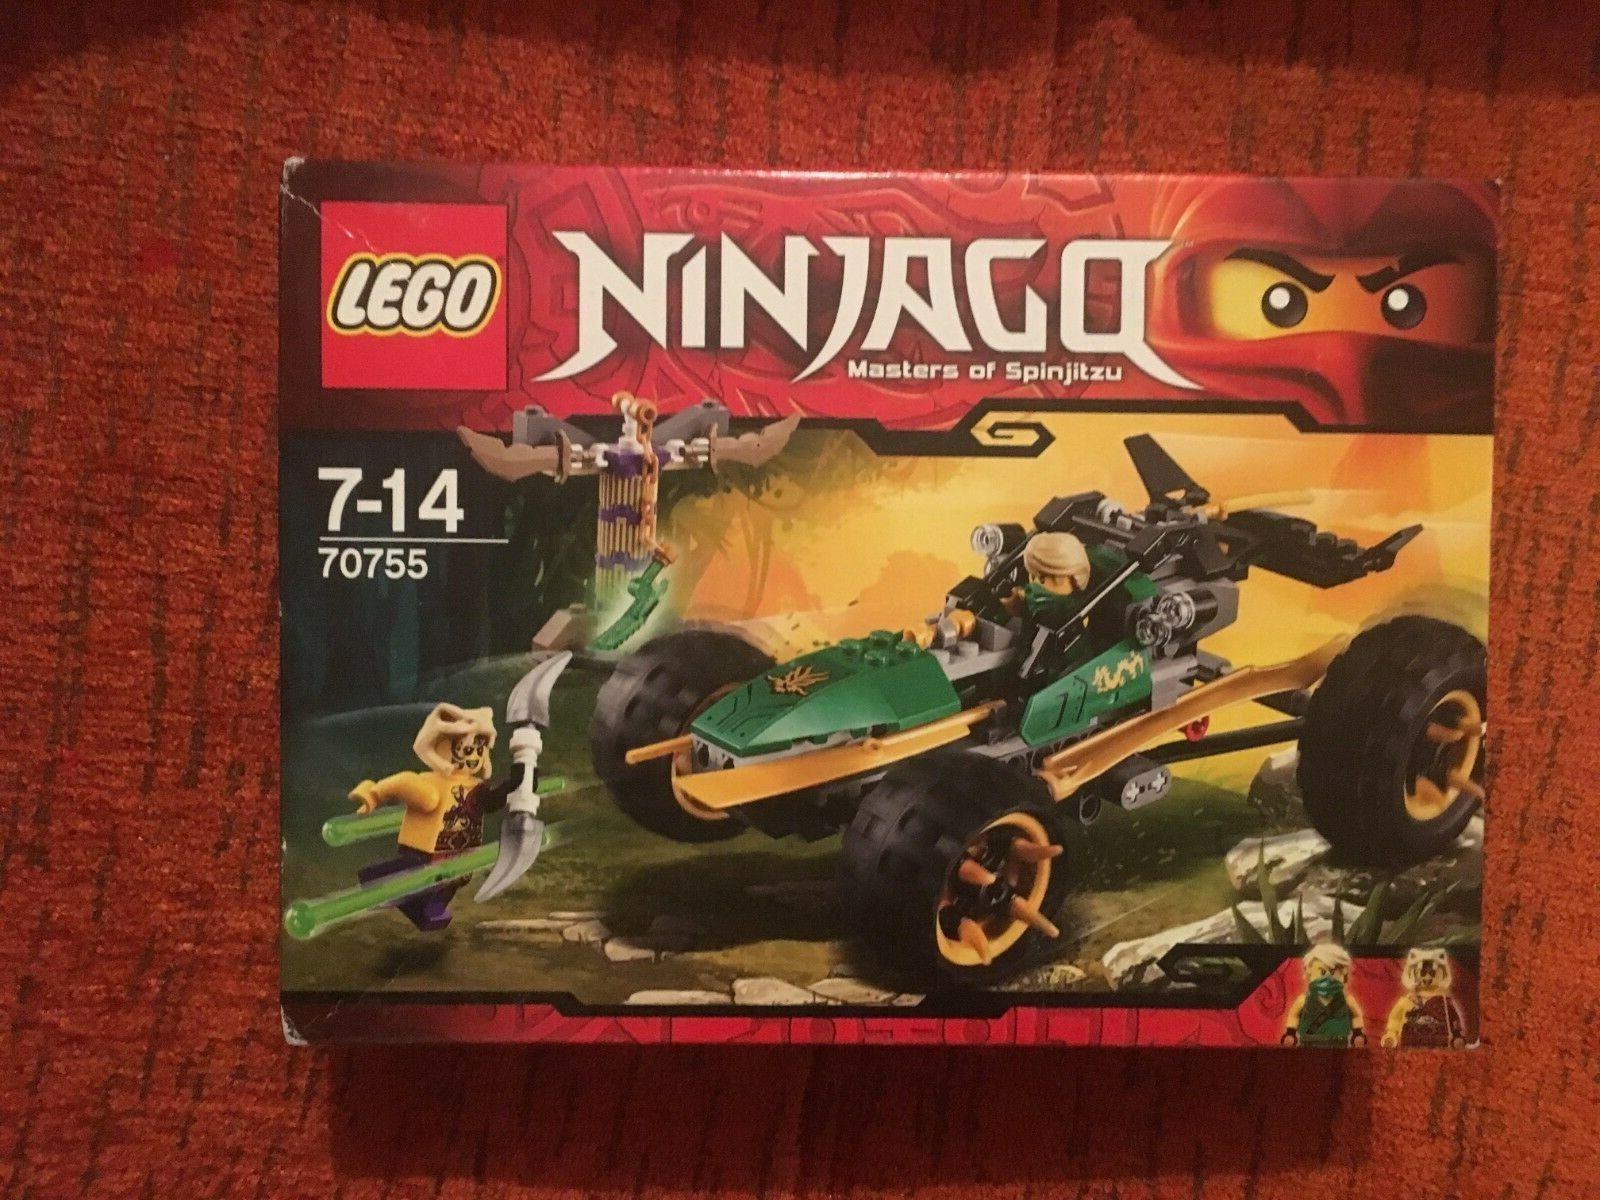 LEGO NINJAGO Lloyds Dschungelräuber Dschungelräuber Dschungelräuber (70755) NEU ungeöffnet 56a64d